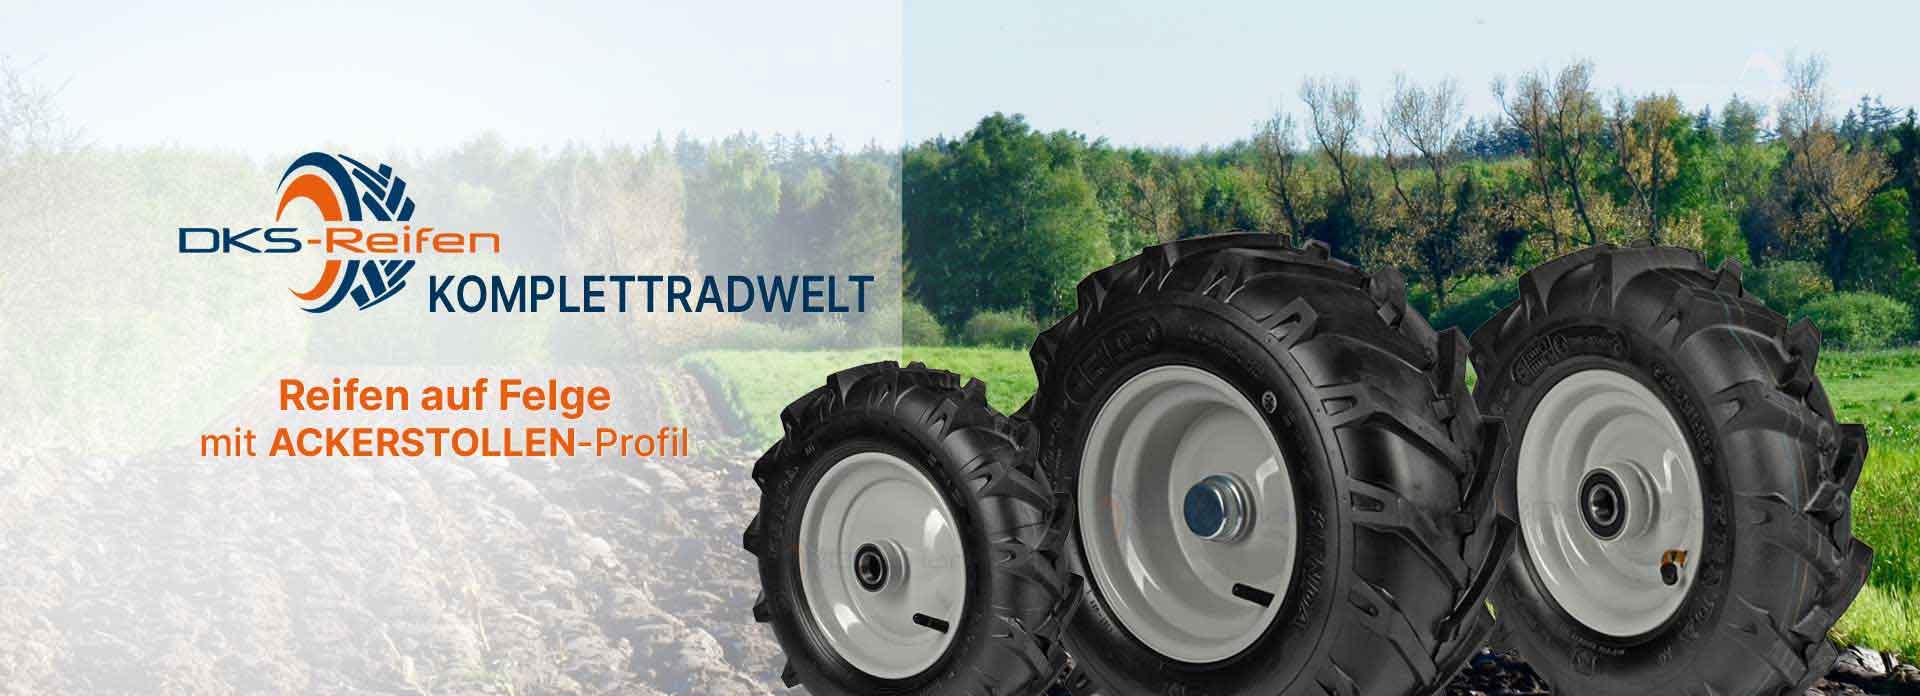 DKS Reifen Online Fachhandel: Kompletträder mit AckerstolleAS-Kleinreifen